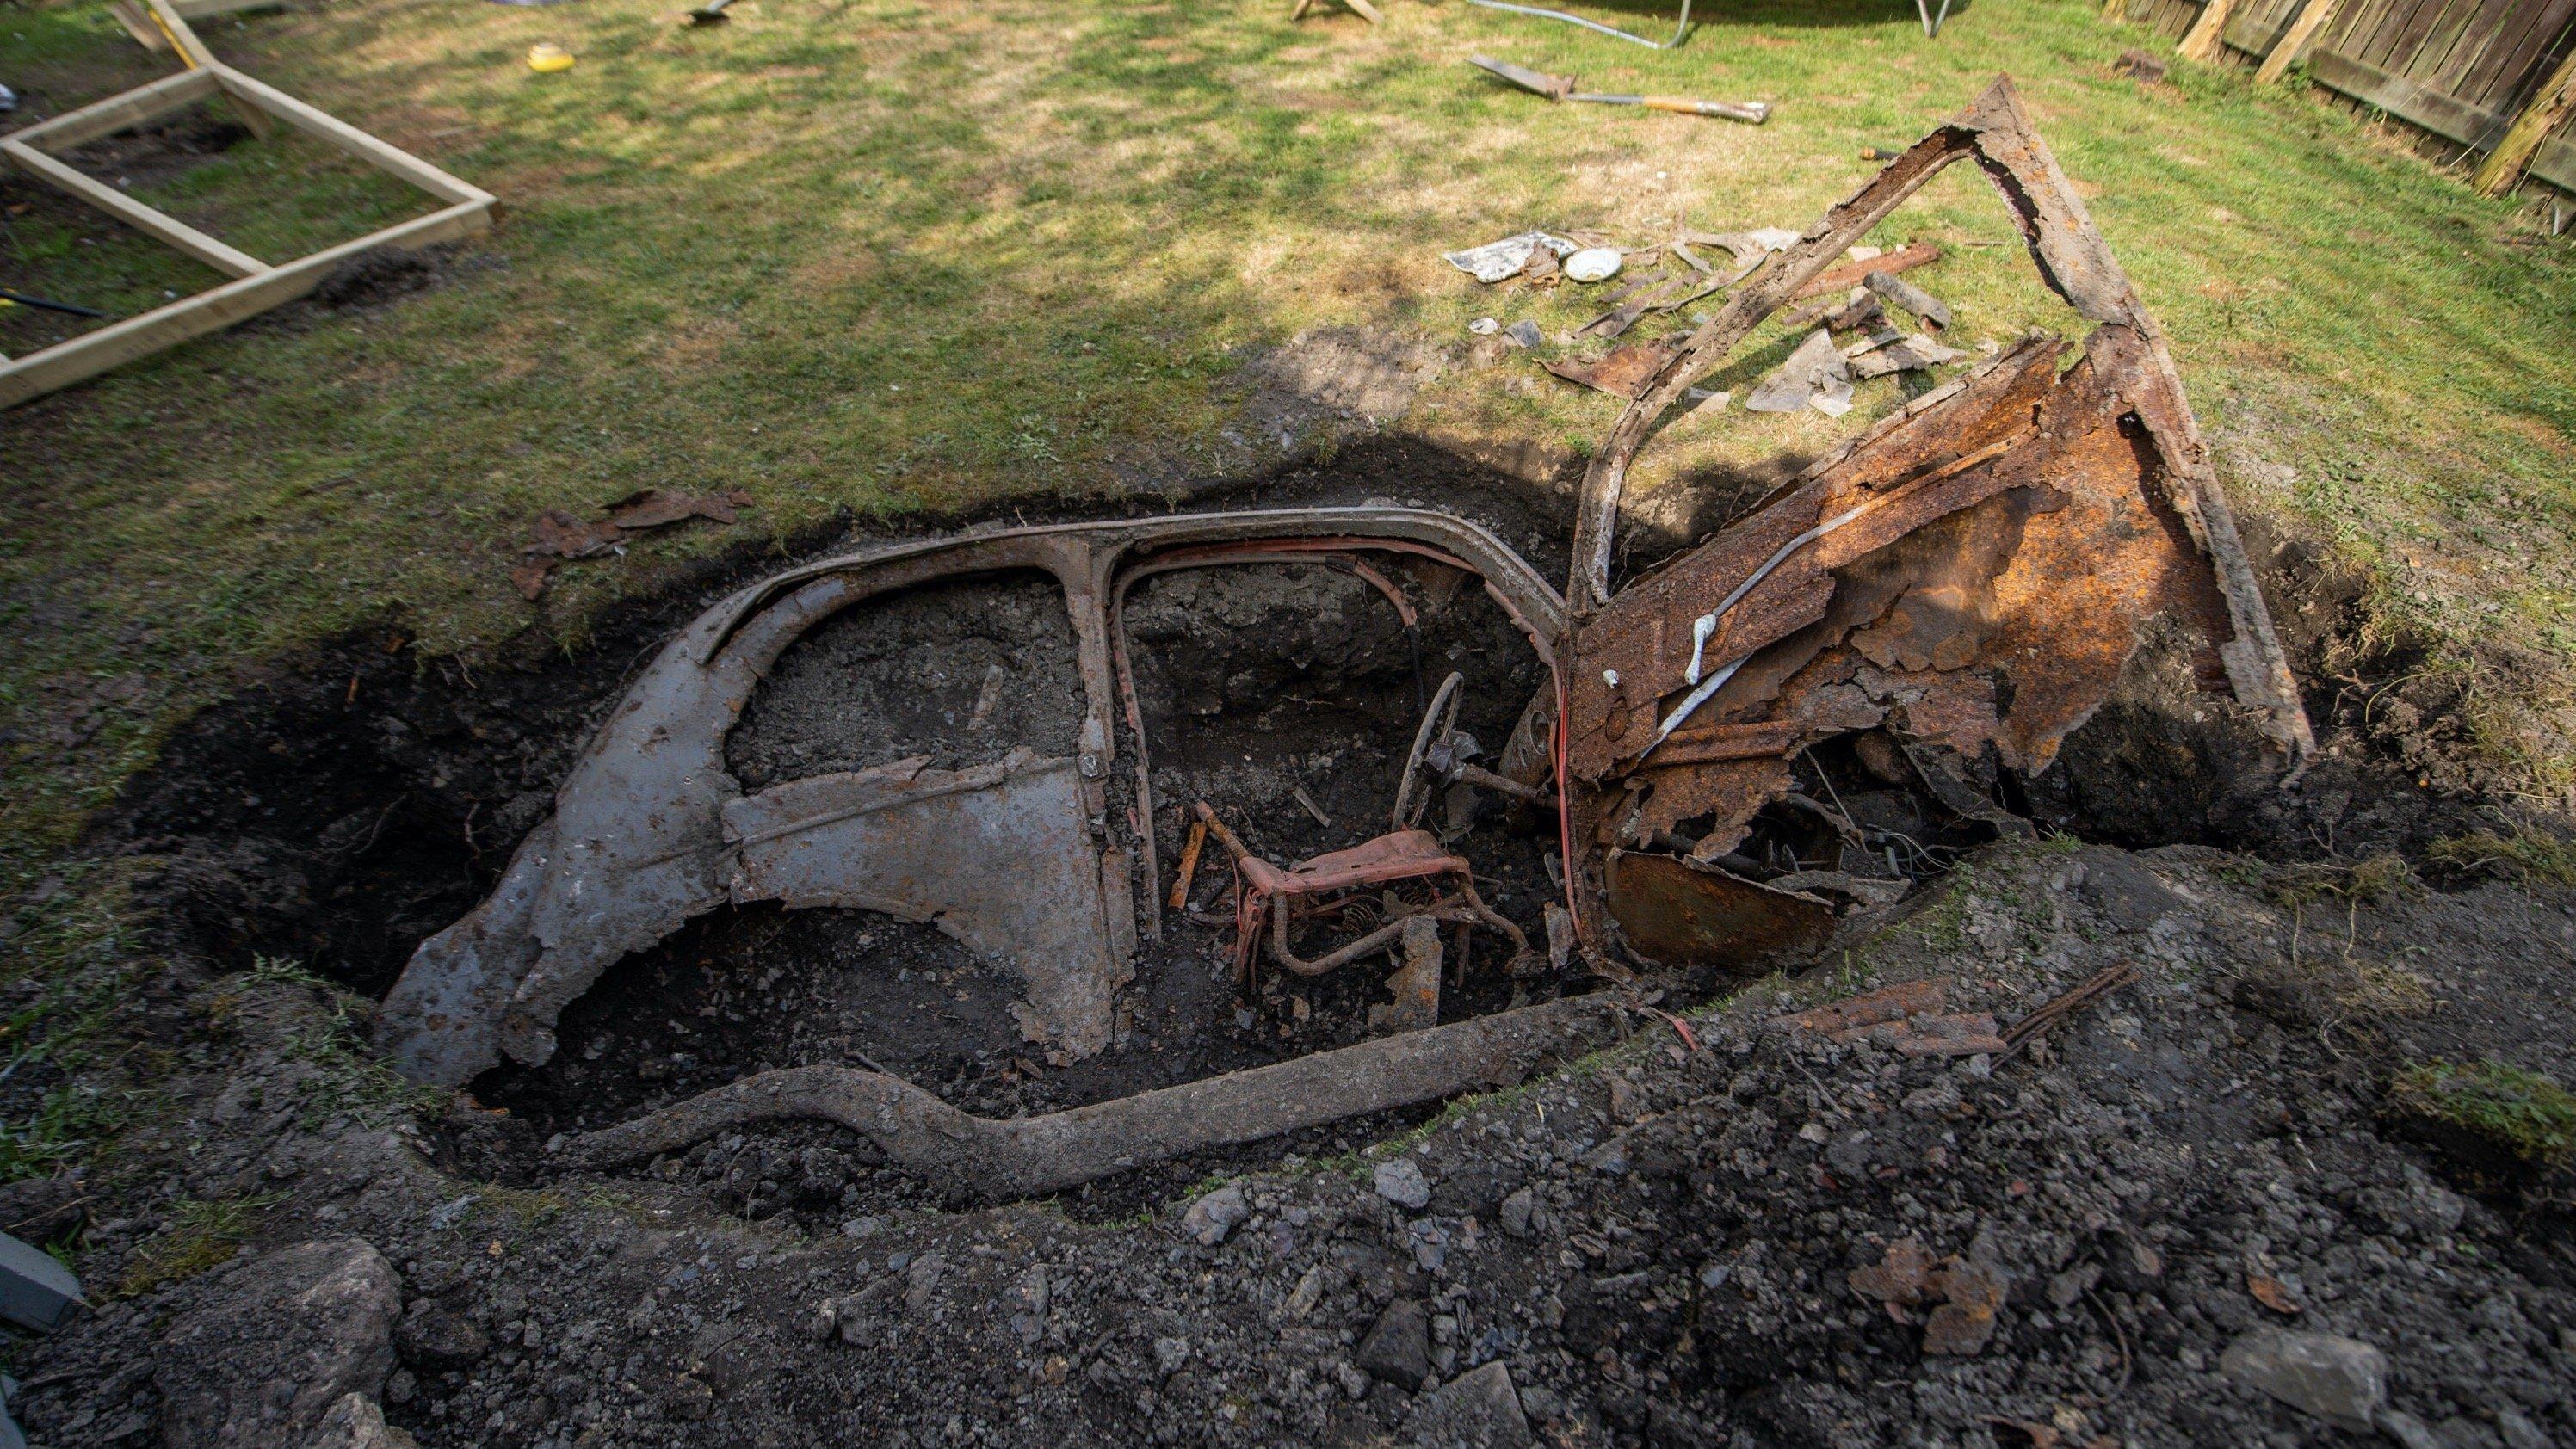 Раскрыта тайна похороненного на 50 лет во дворе дома Ford